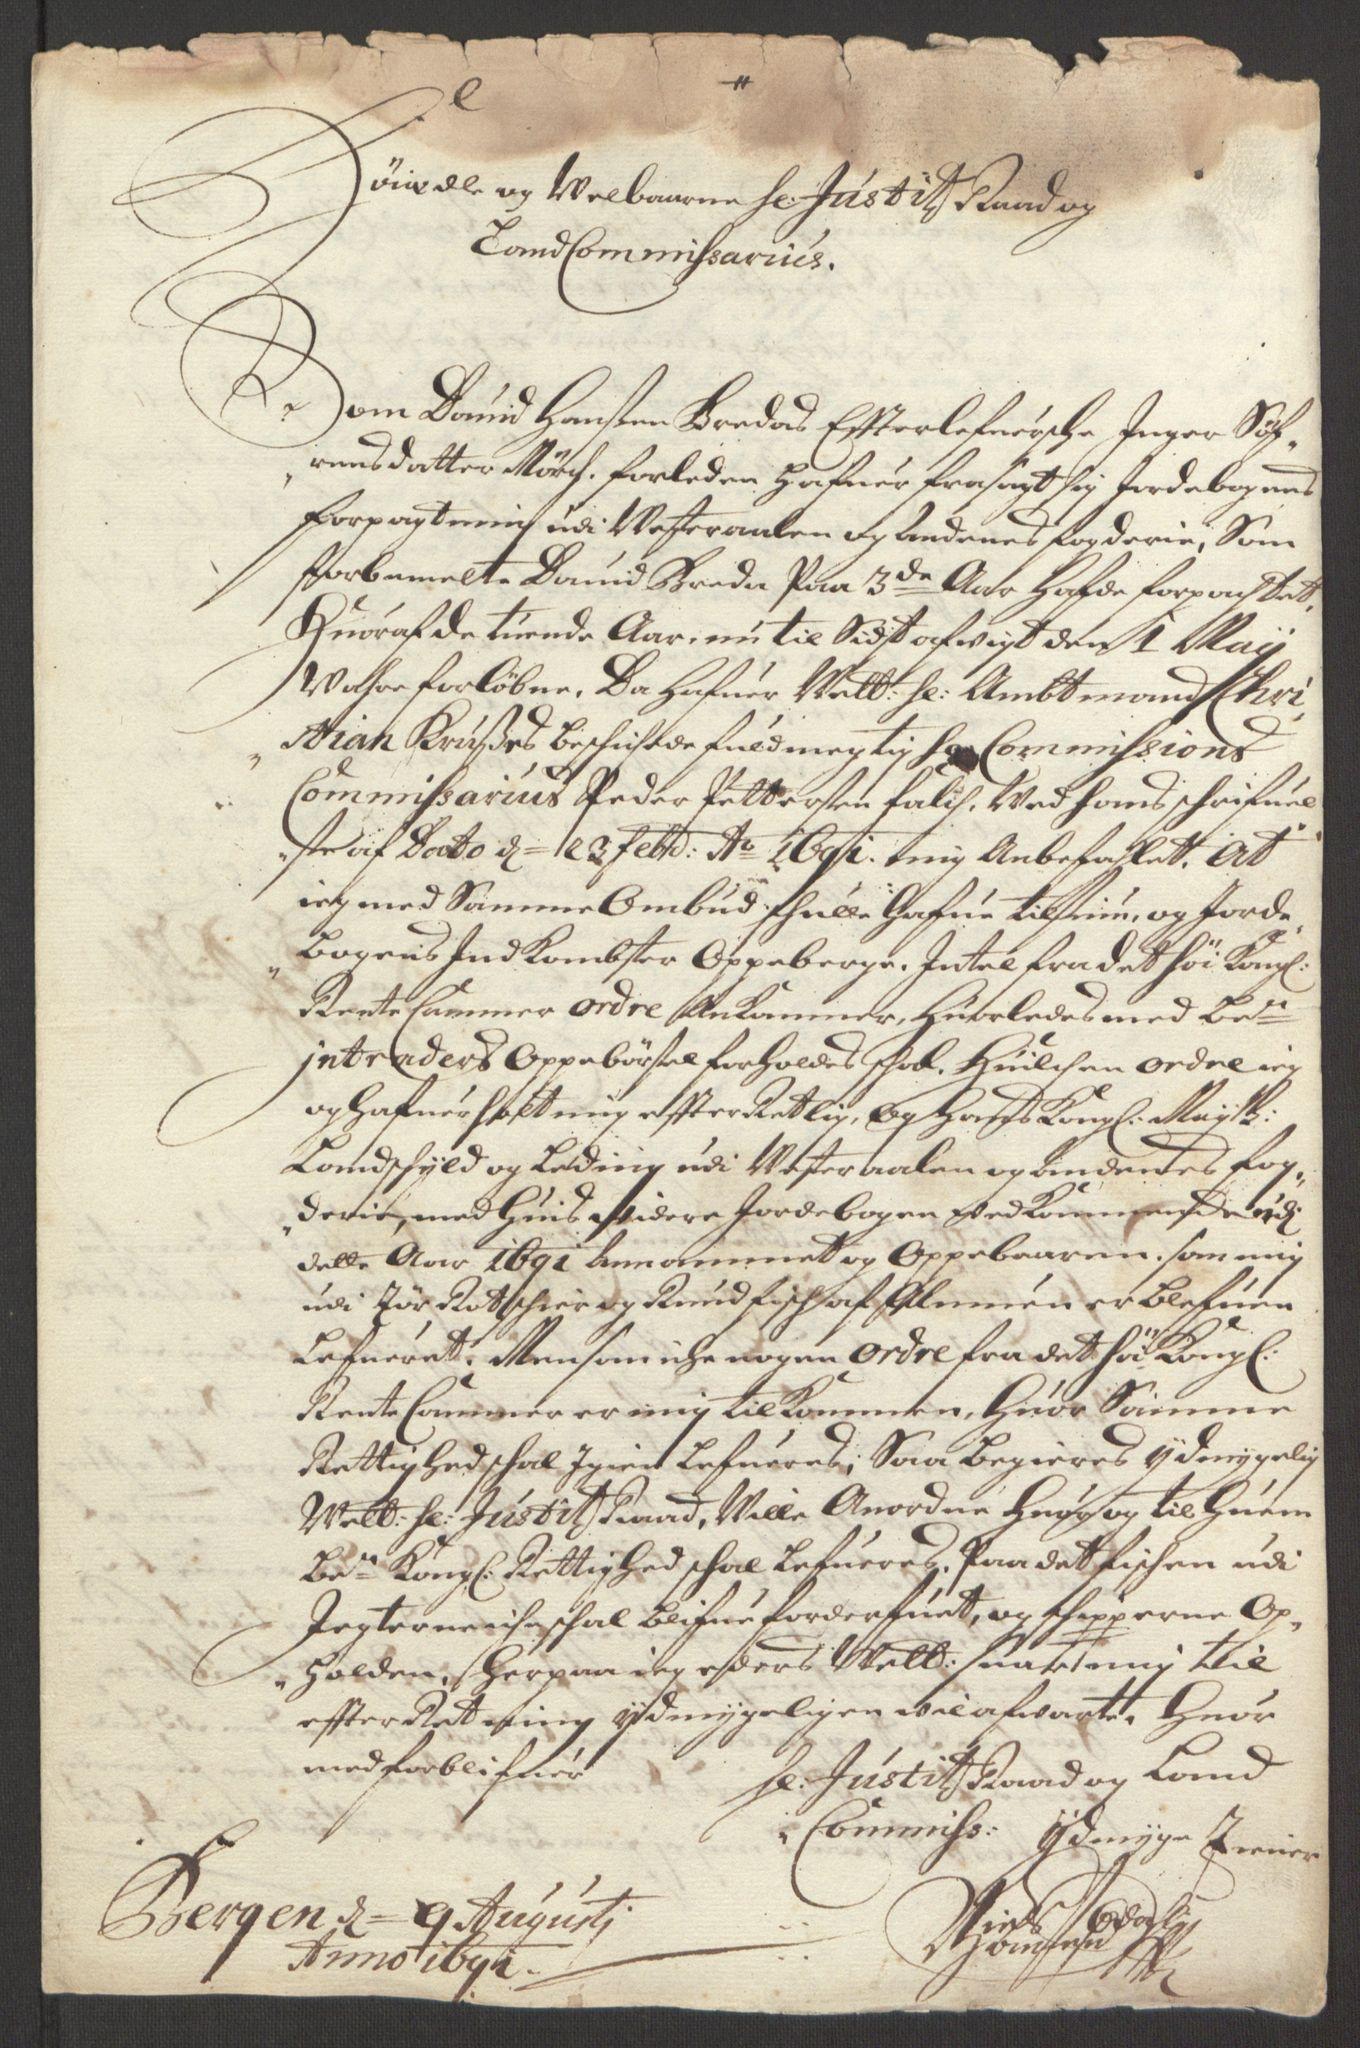 RA, Rentekammeret inntil 1814, Reviderte regnskaper, Fogderegnskap, R67/L4676: Fogderegnskap Vesterålen, Andenes og Lofoten, 1691-1693, s. 69